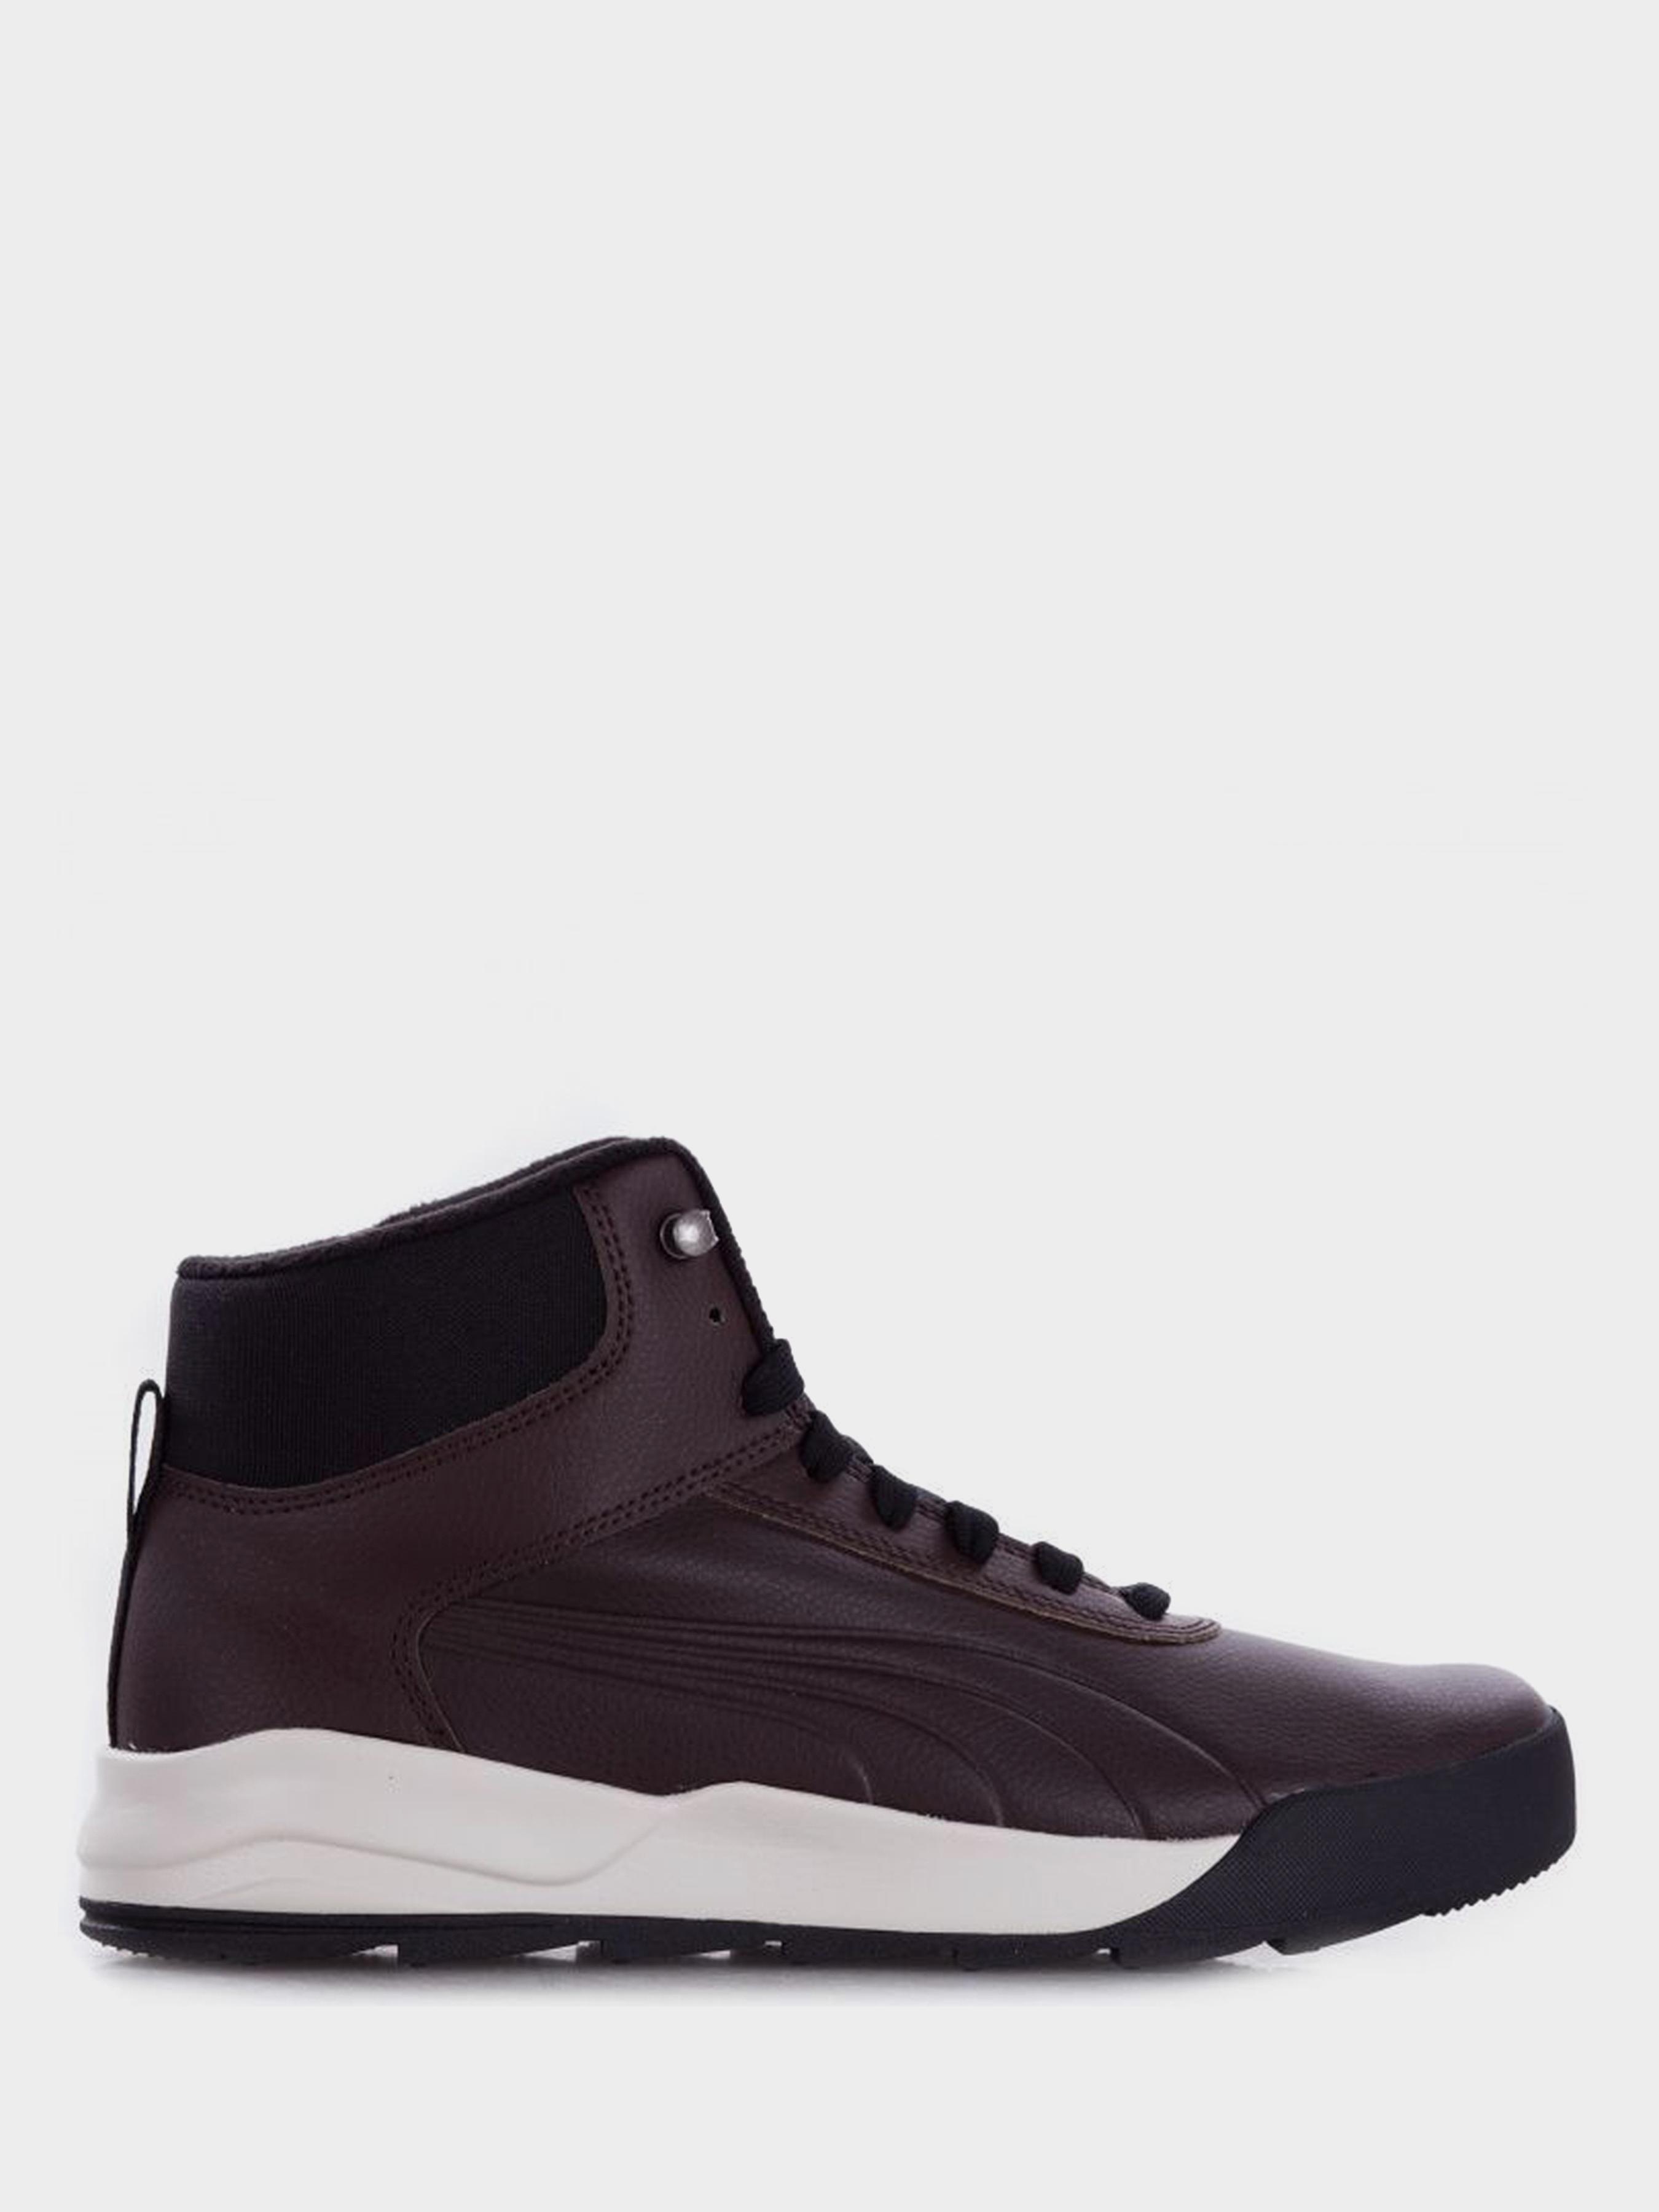 Купить Ботинки мужские PUMA Desierto Sneaker L CI119, Коричневый